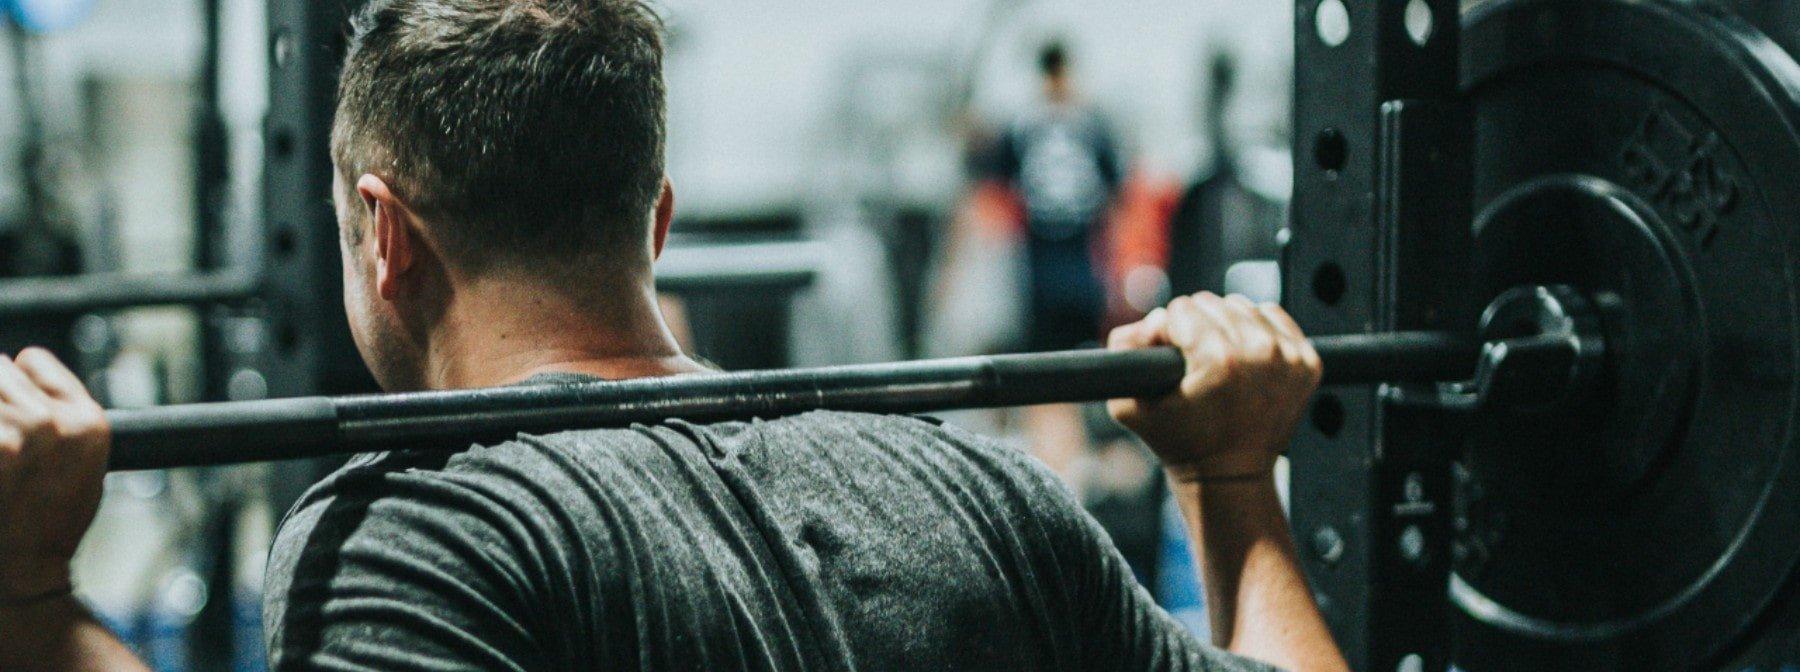 Os Melhores Suplementos Para Ganho Muscular e Perda de Gordura